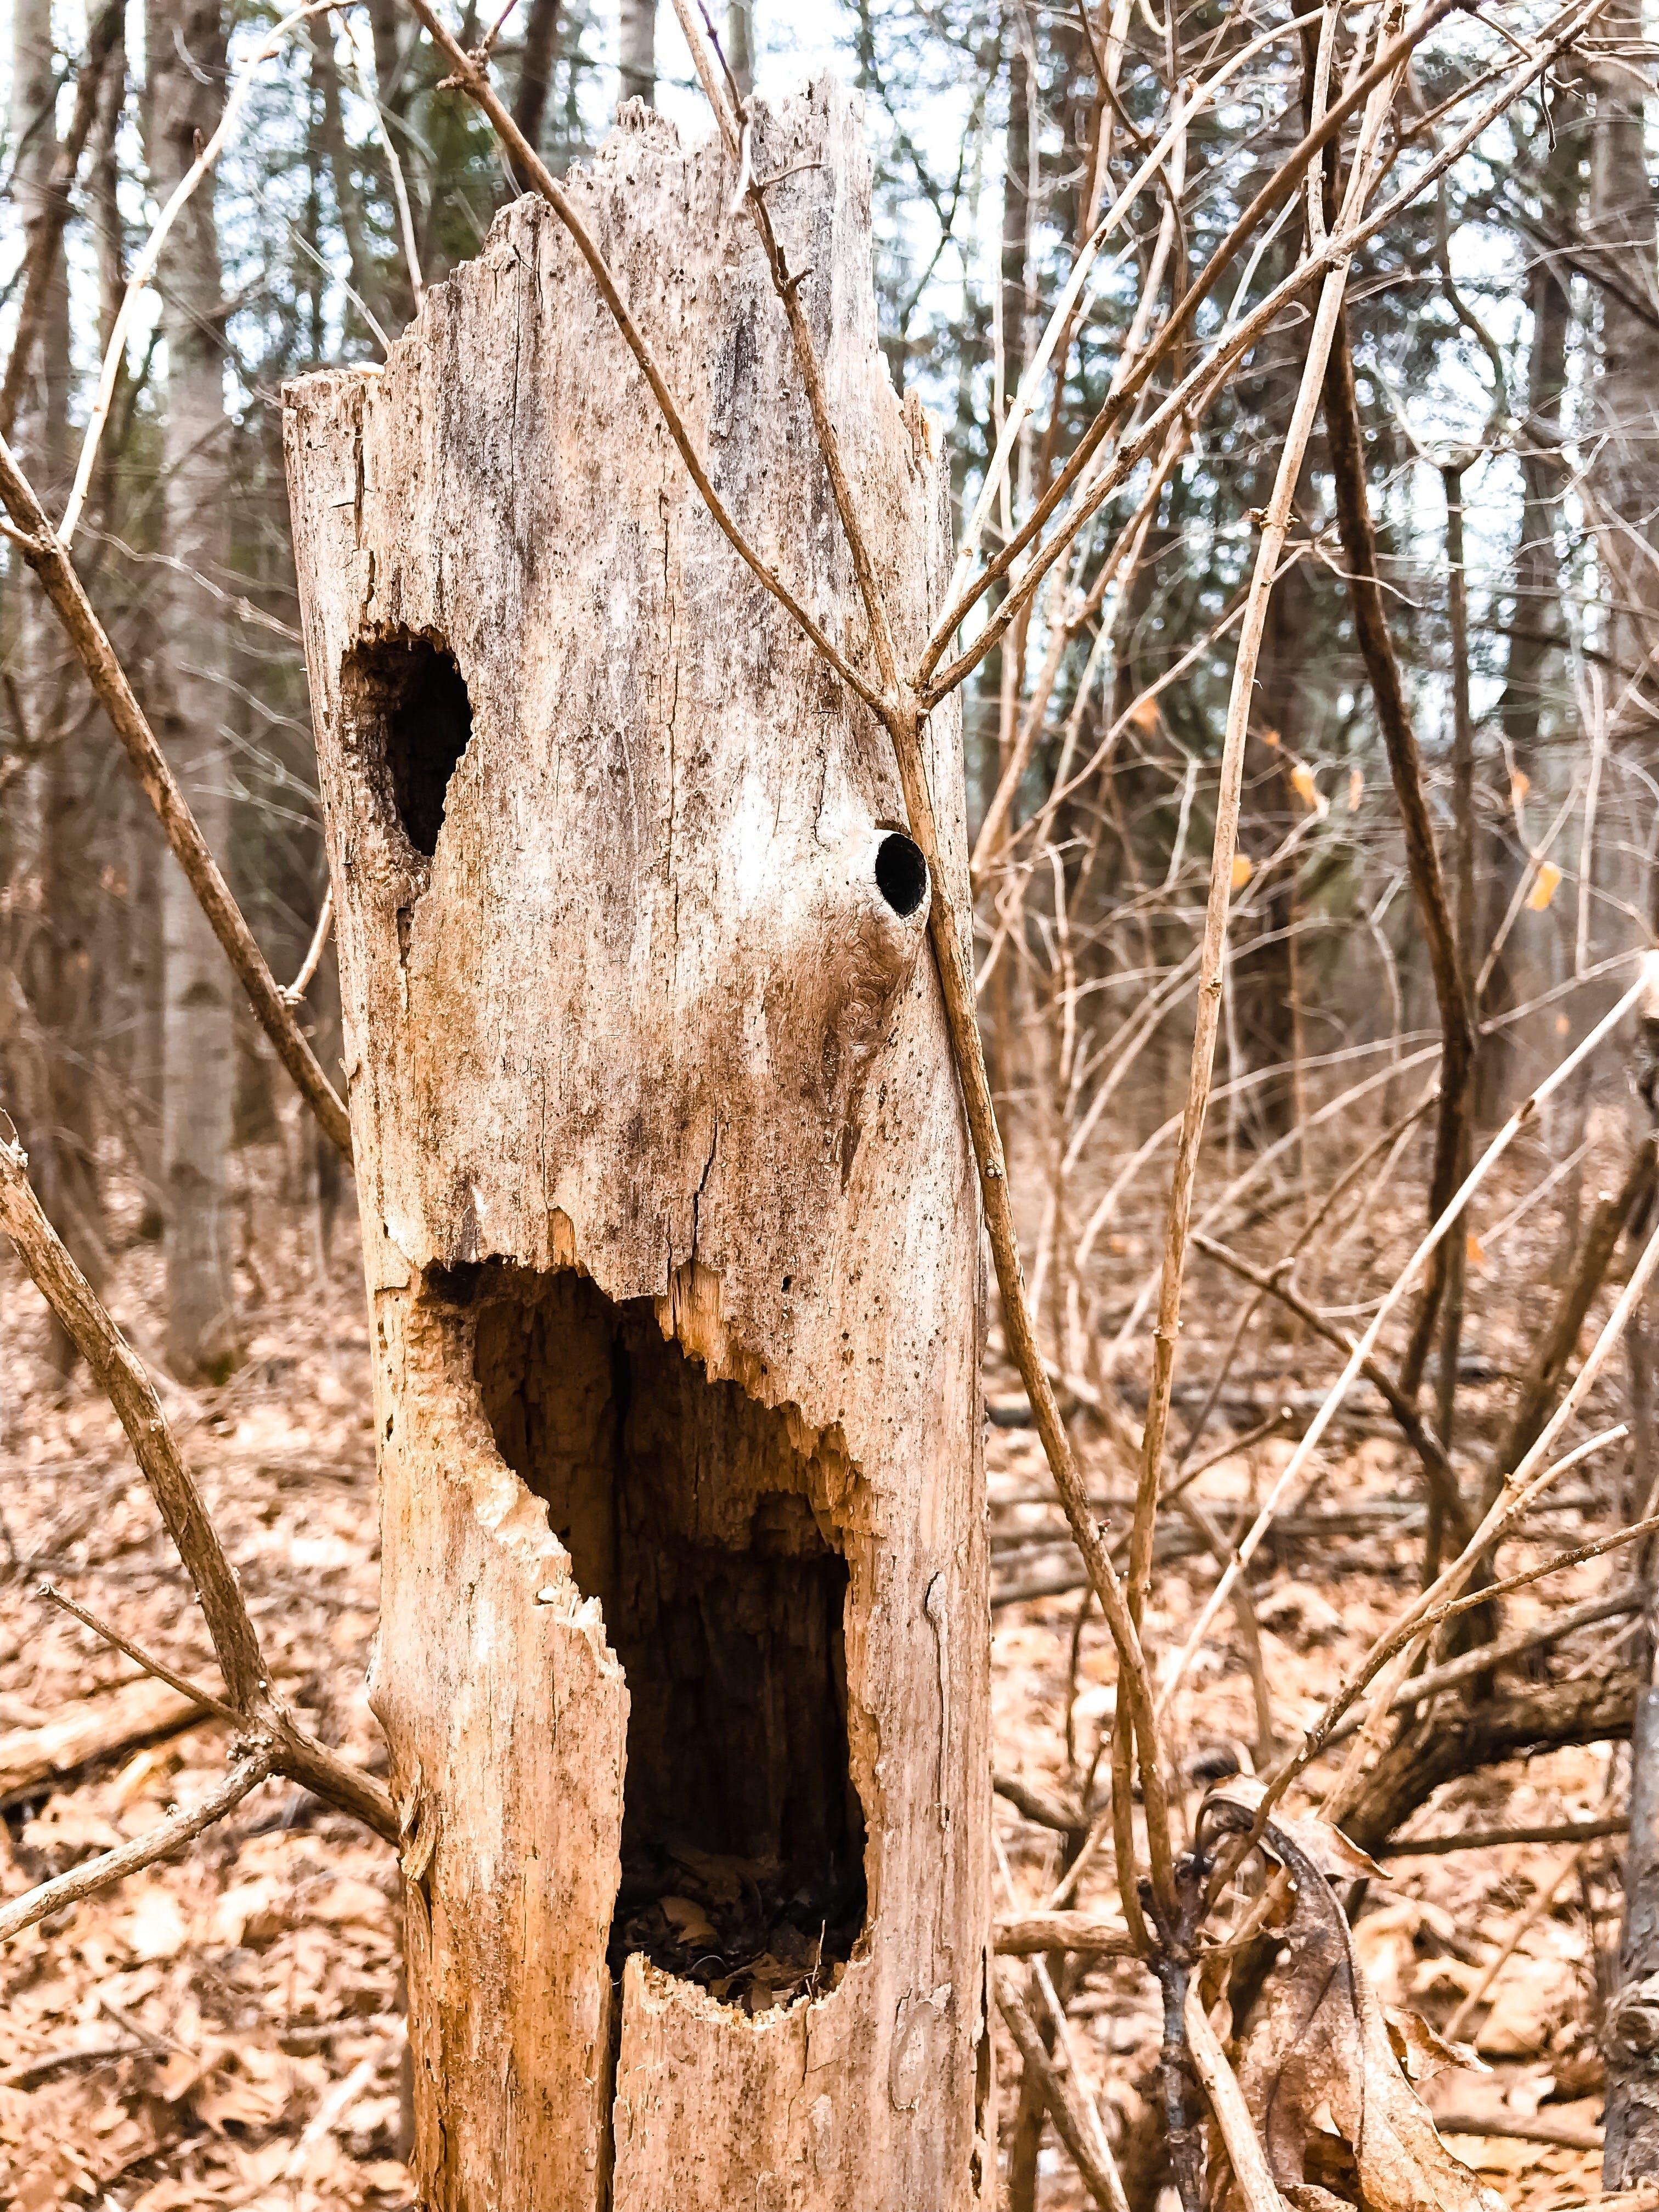 Δωρεάν στοκ φωτογραφιών με ανατριχιαστικός, γαβγίζω, δασικός, δέντρα